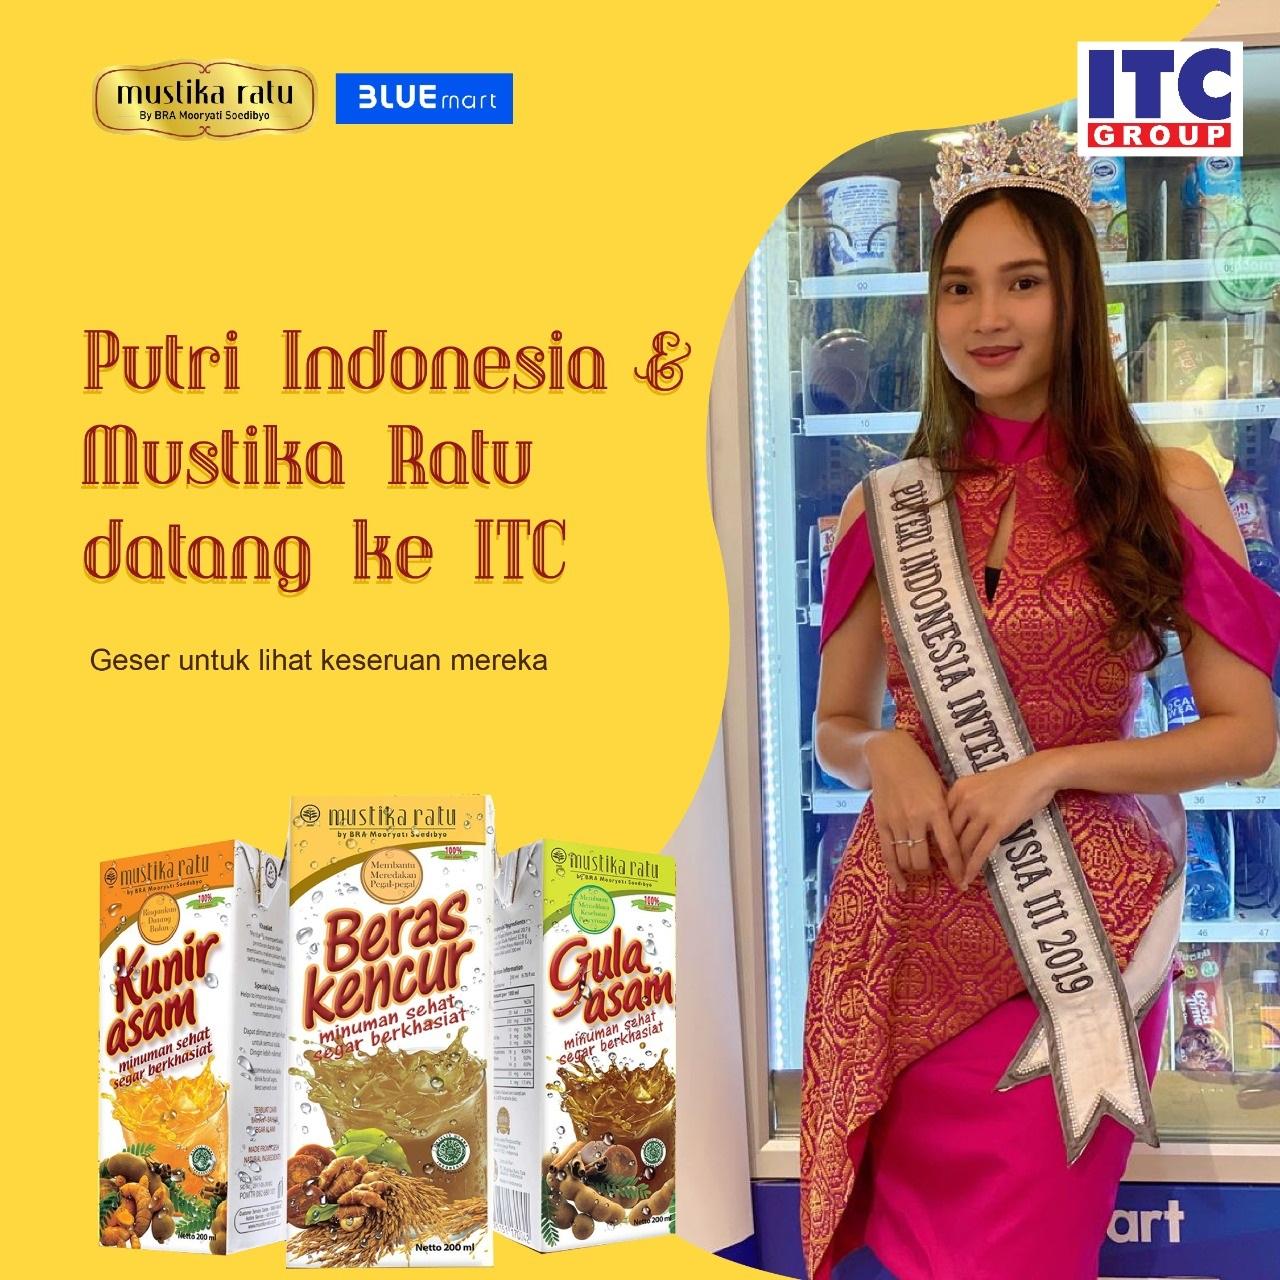 Kunjungan Puteri Indonesia di ITC Group